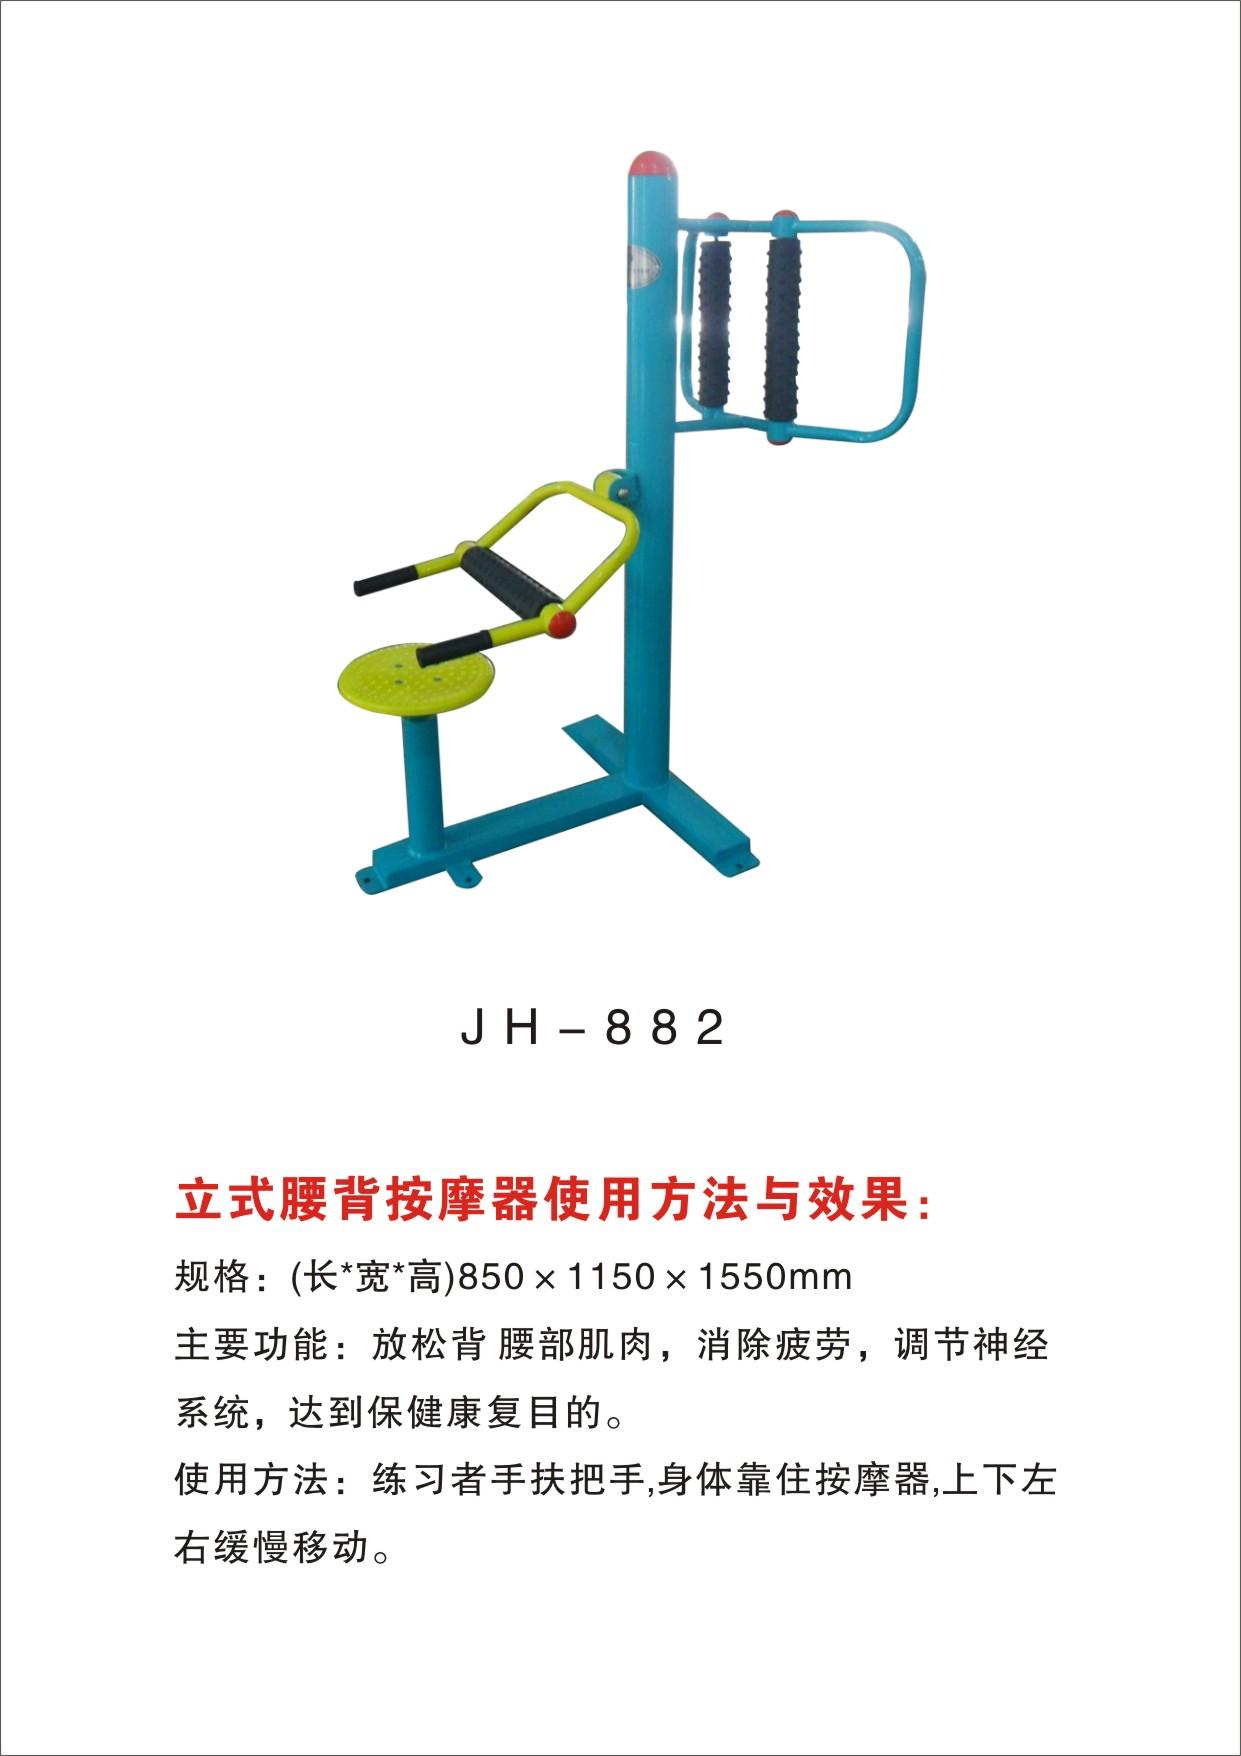 福建体育器材厂家